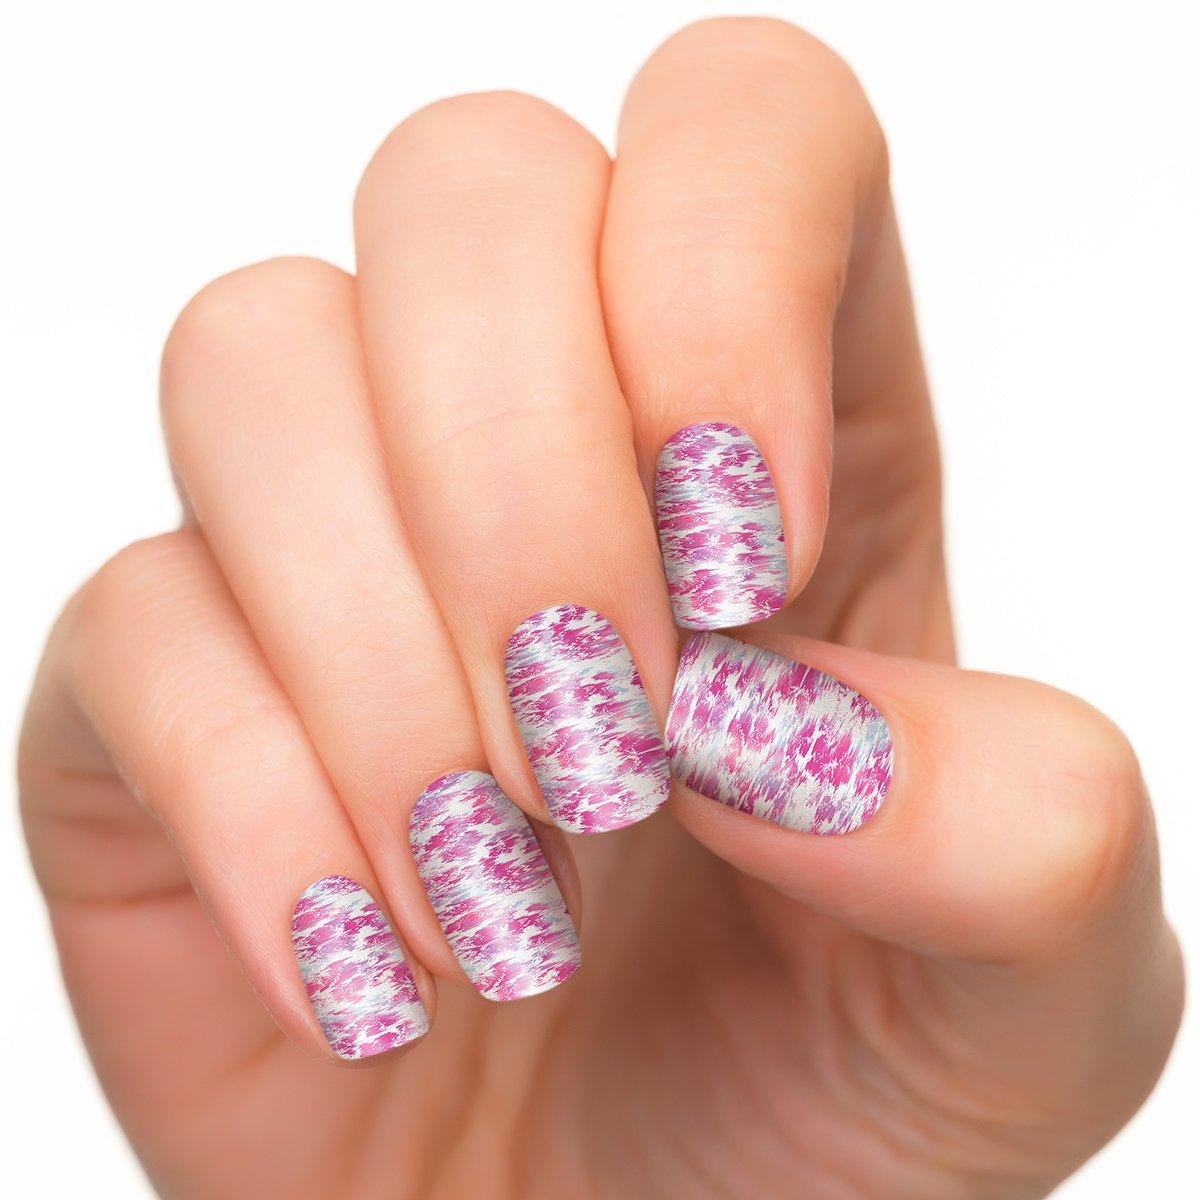 Incoco Nail Polish Strips, Nail Art, Daydreams